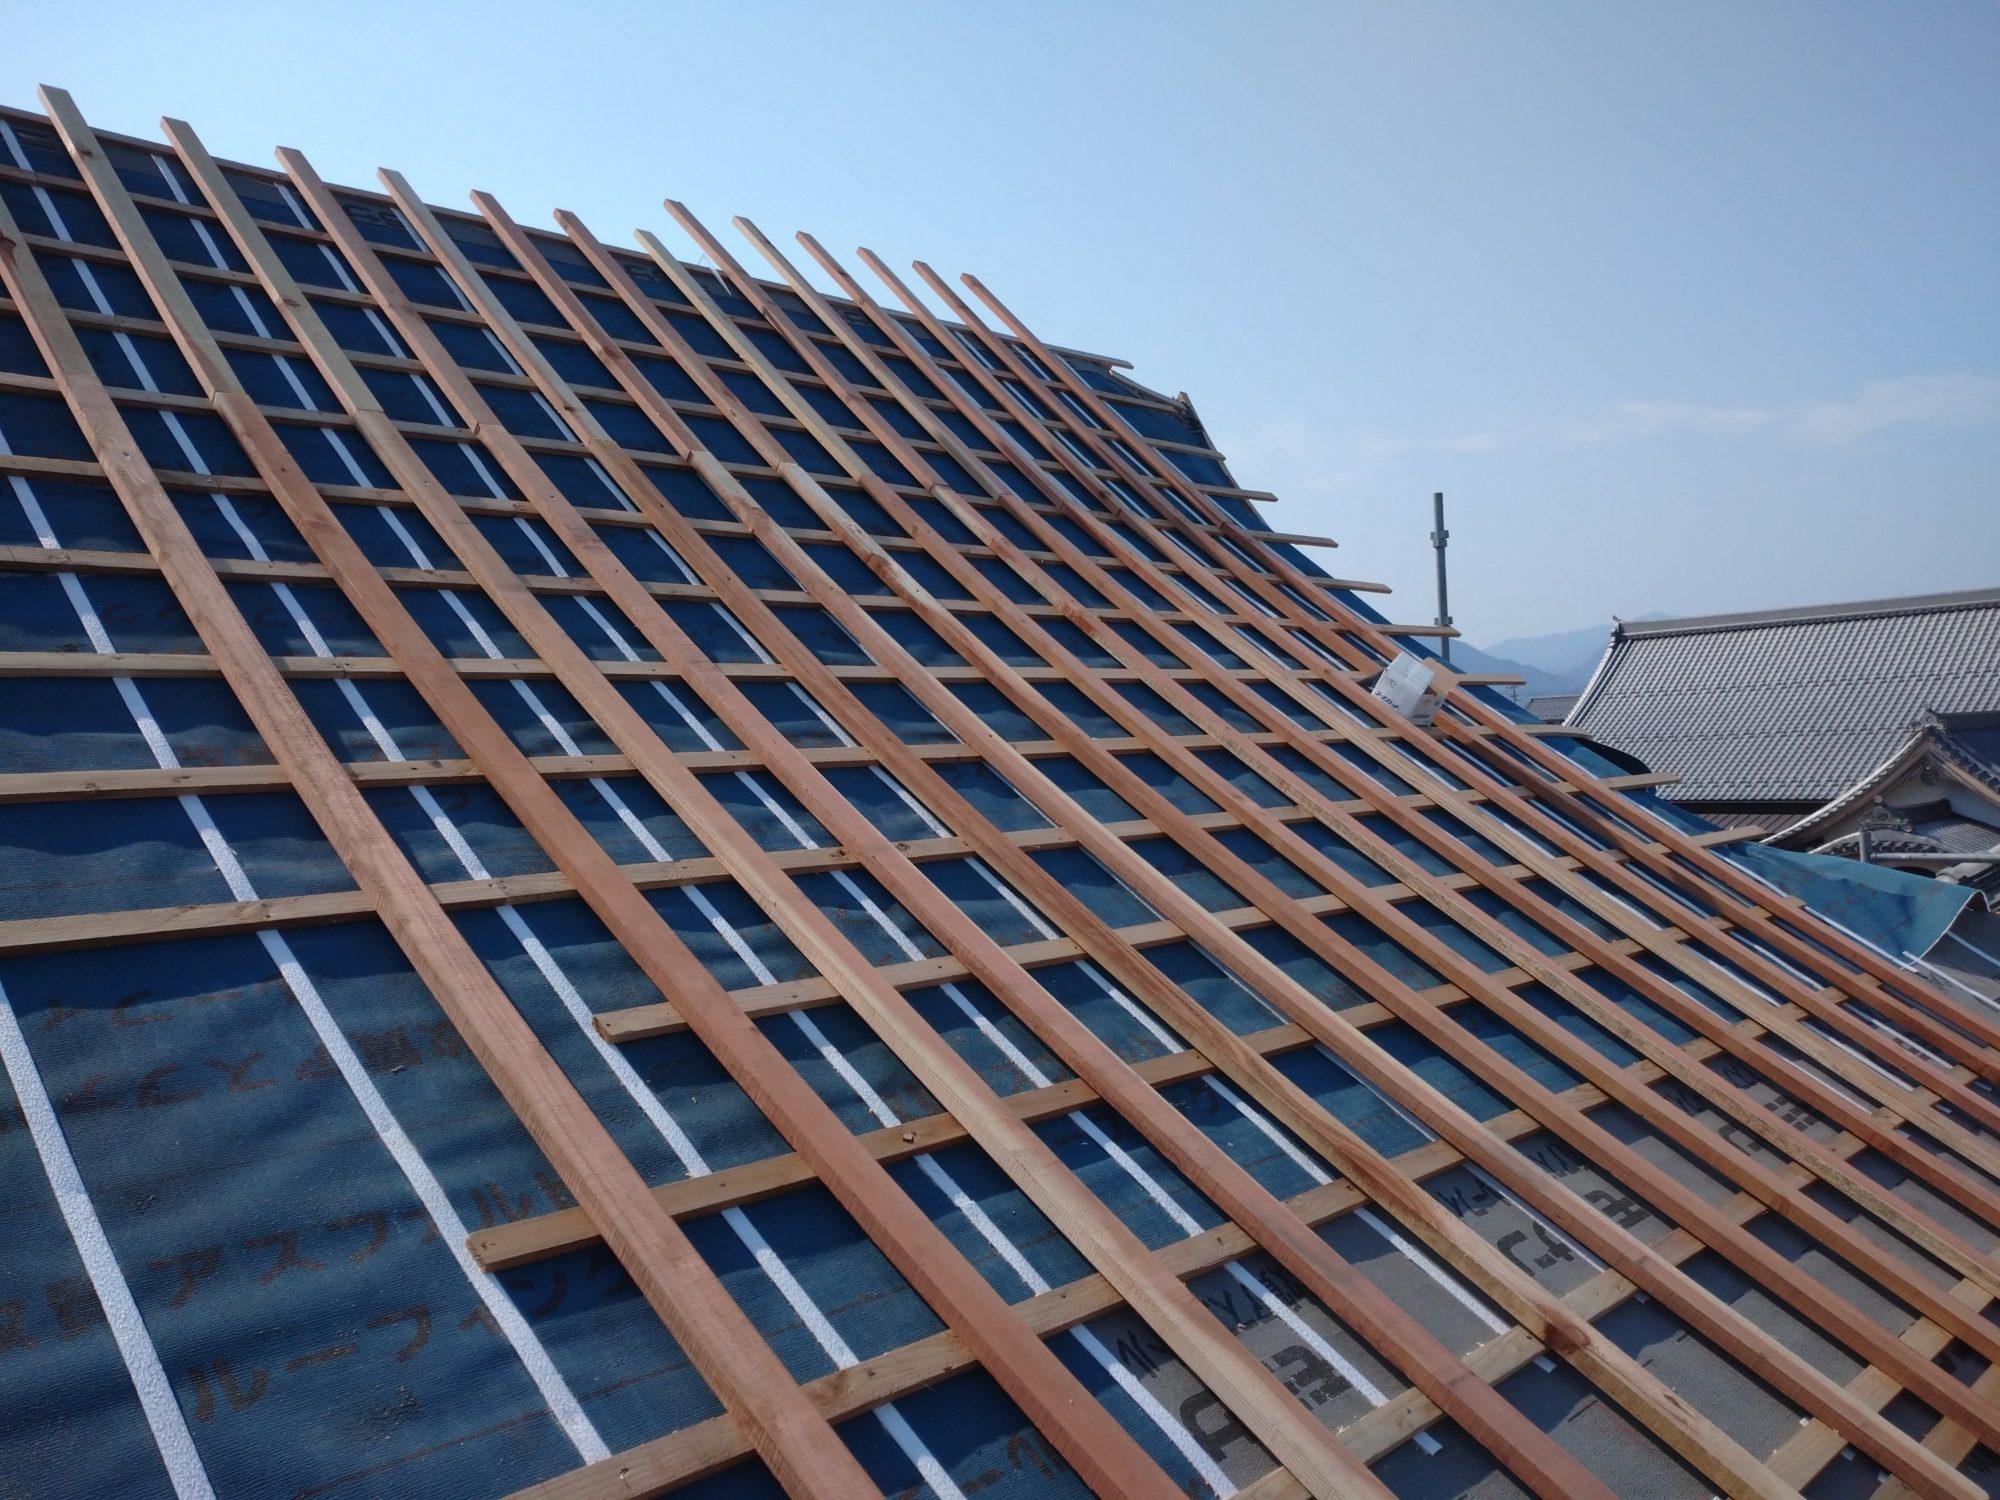 池田町で、お寺の鐘楼の工事をしています。